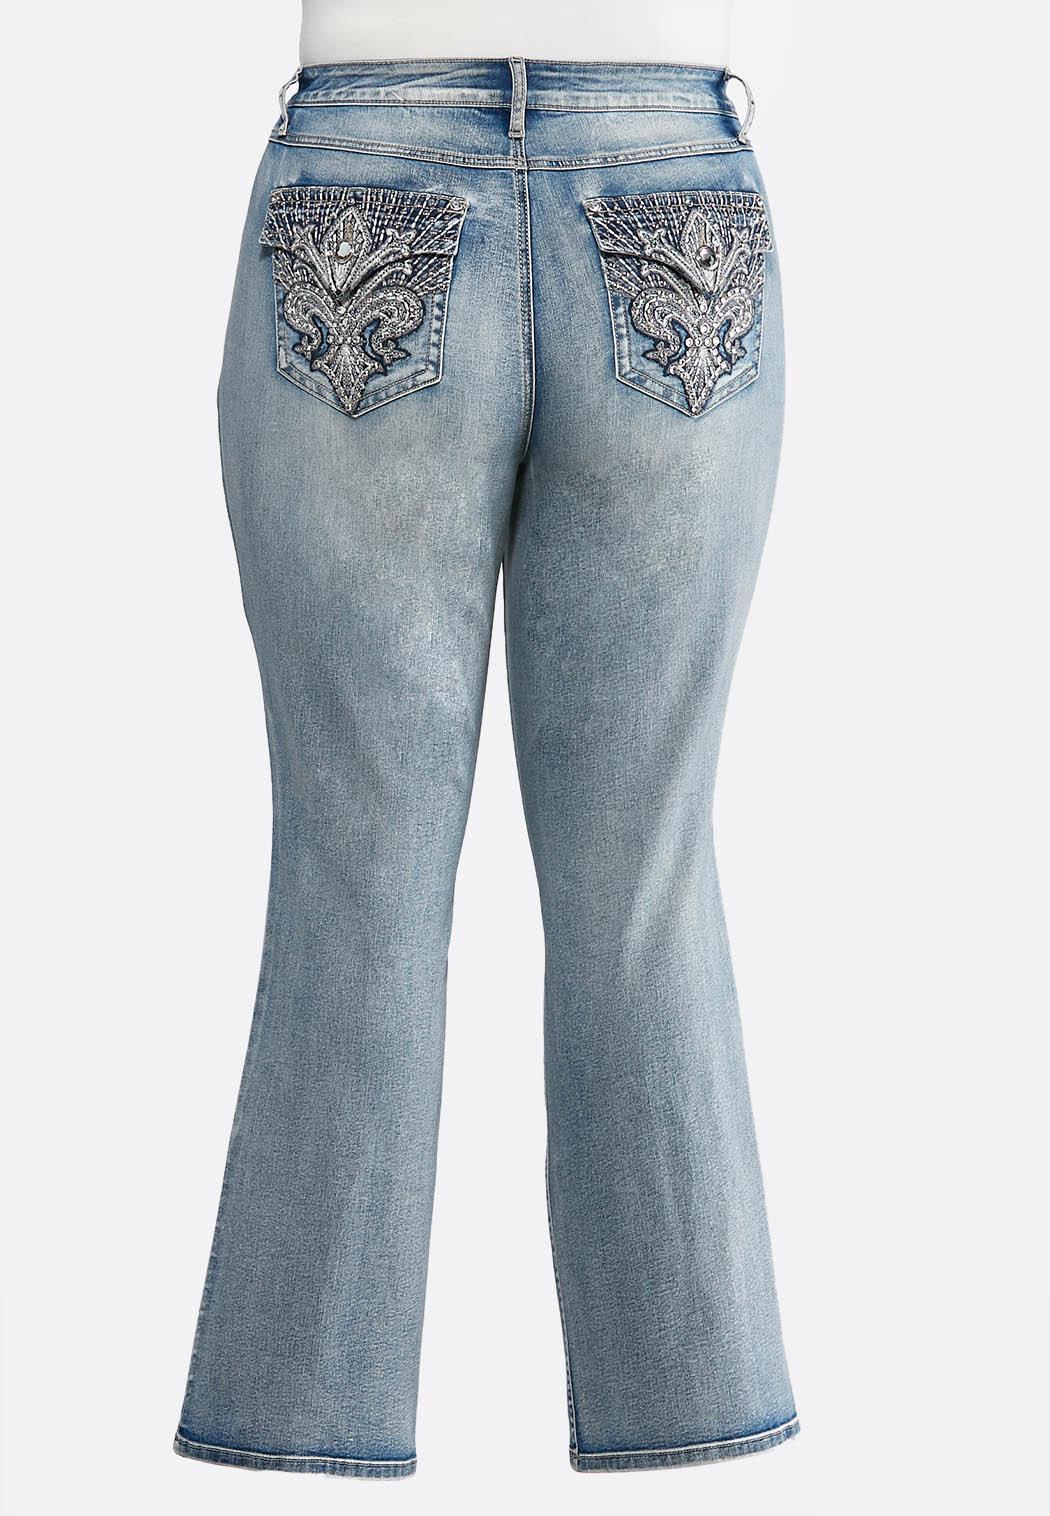 Plus Petite Fleur De Lis Pocket Jeans